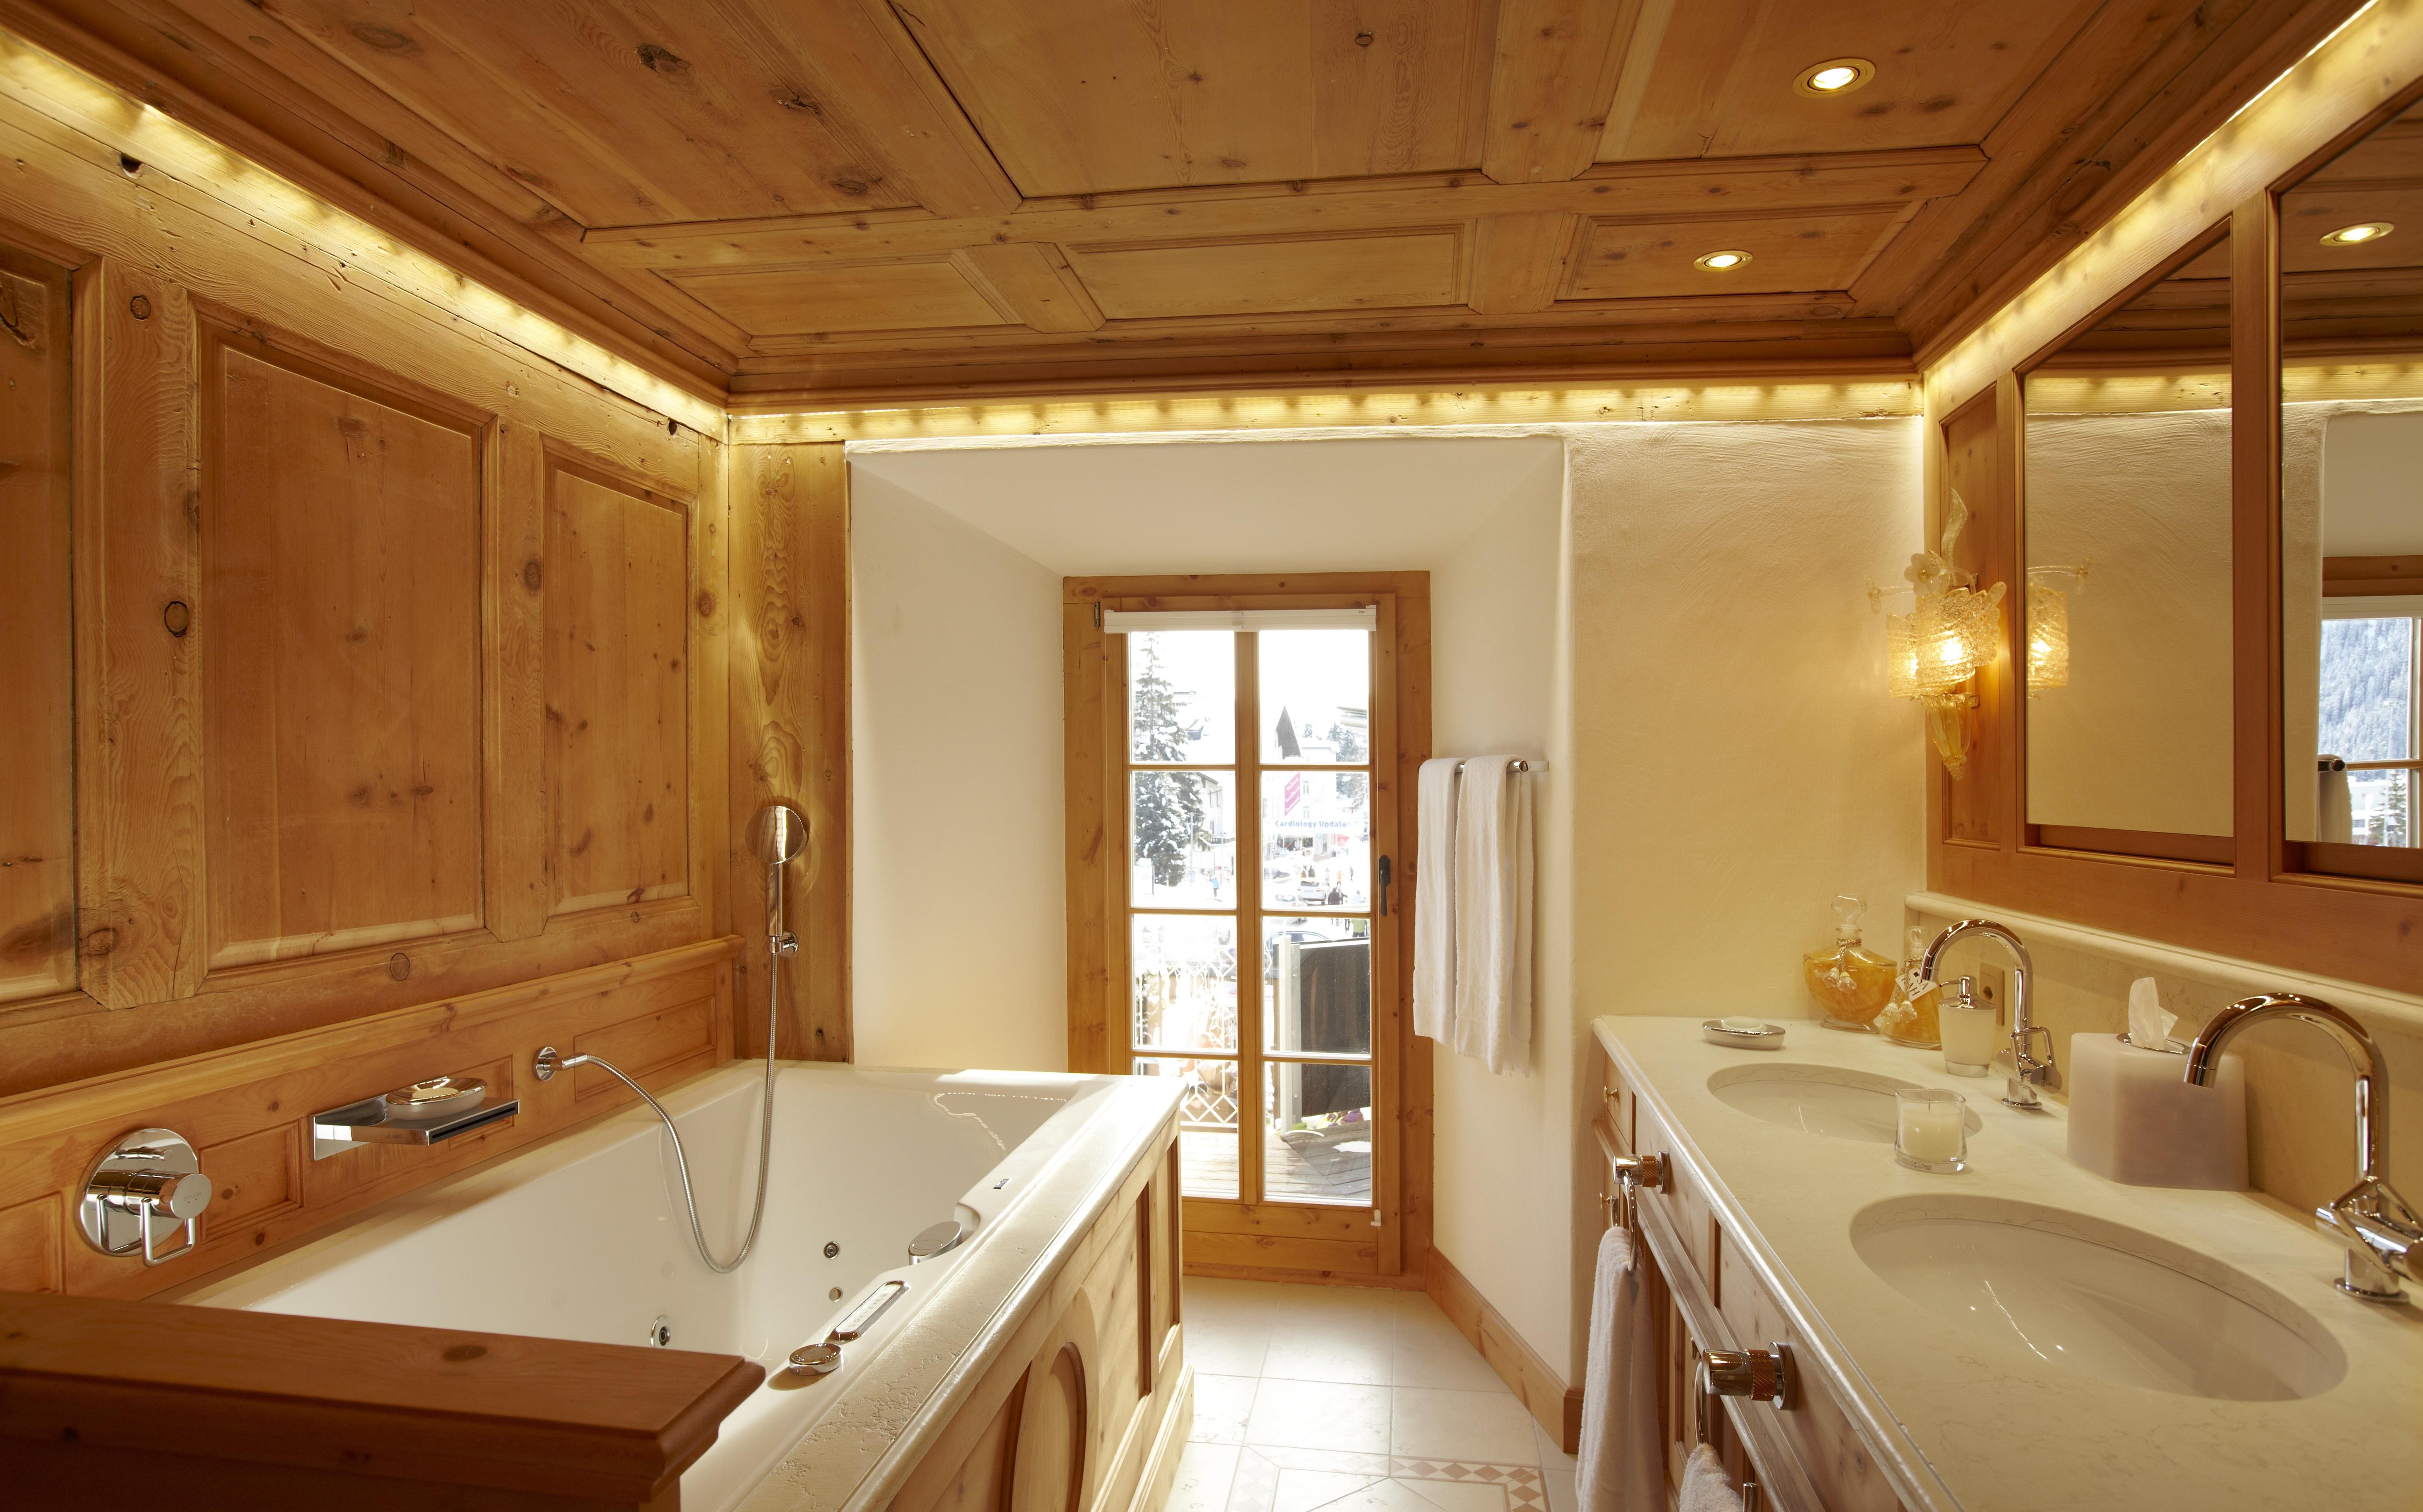 Hotel Seehof Parsen Badezimmer Mit Schöner Holzdecke Und Badewanne